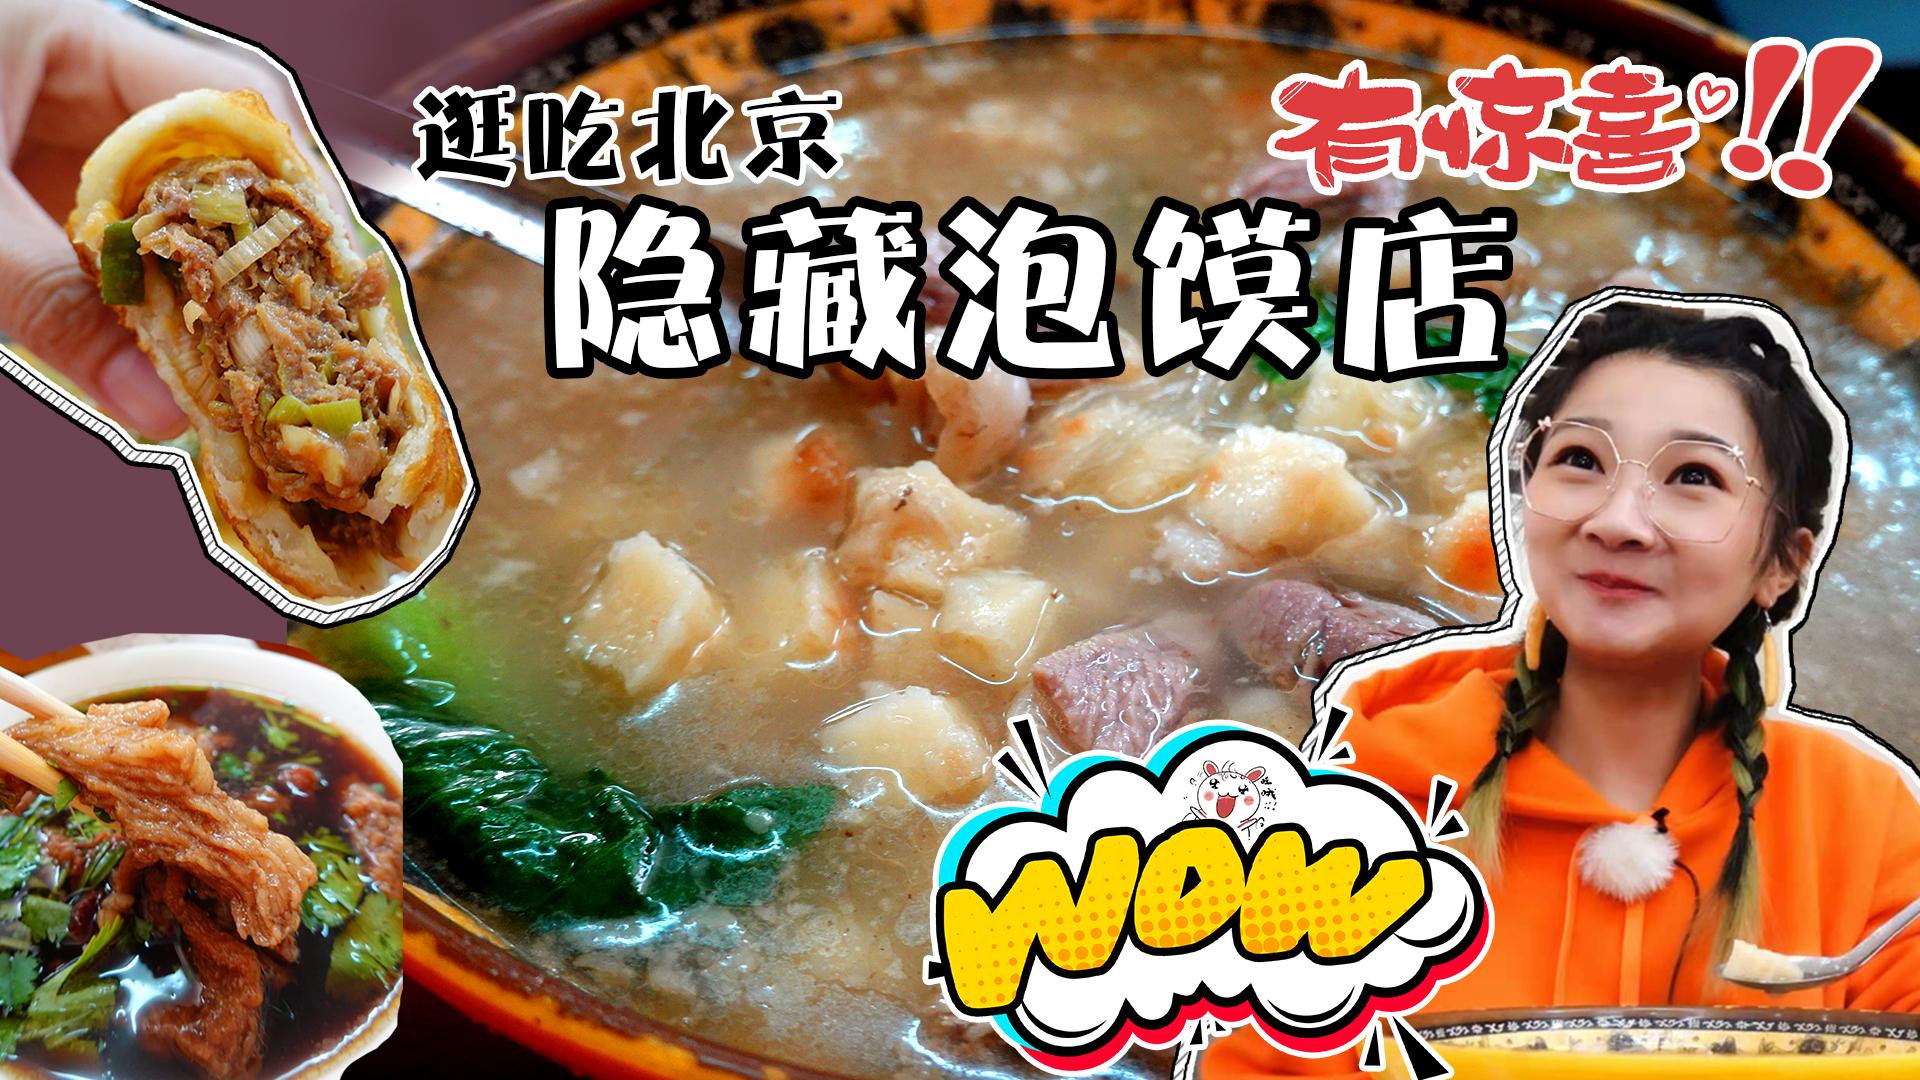 【逛吃北京】开了三十年的泡馍店,油厚汤浓碗大,真是惊喜!